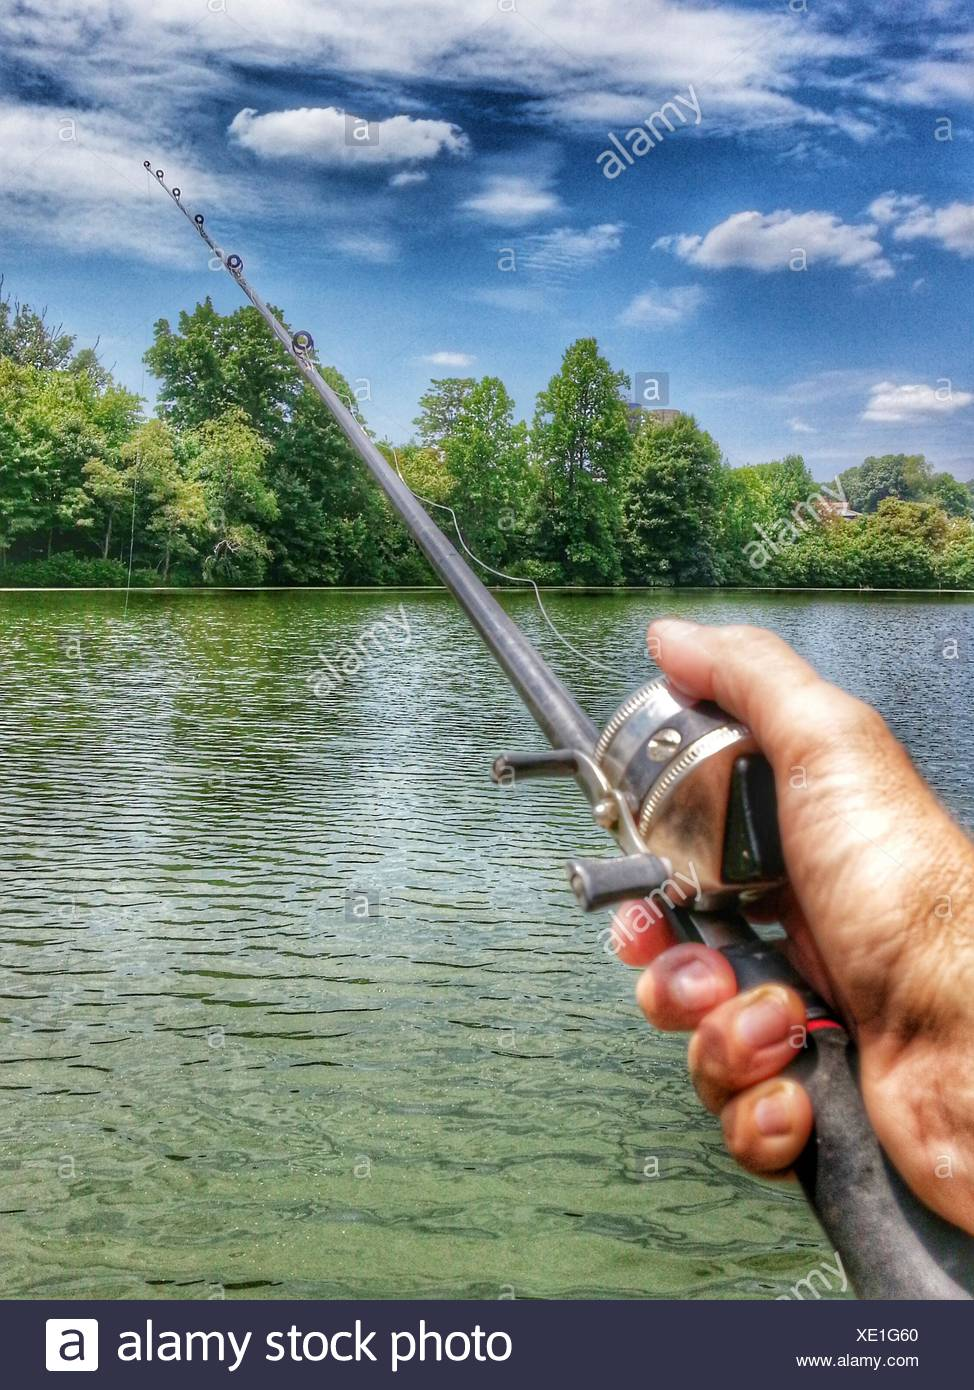 Pesca en río joven Imagen De Stock